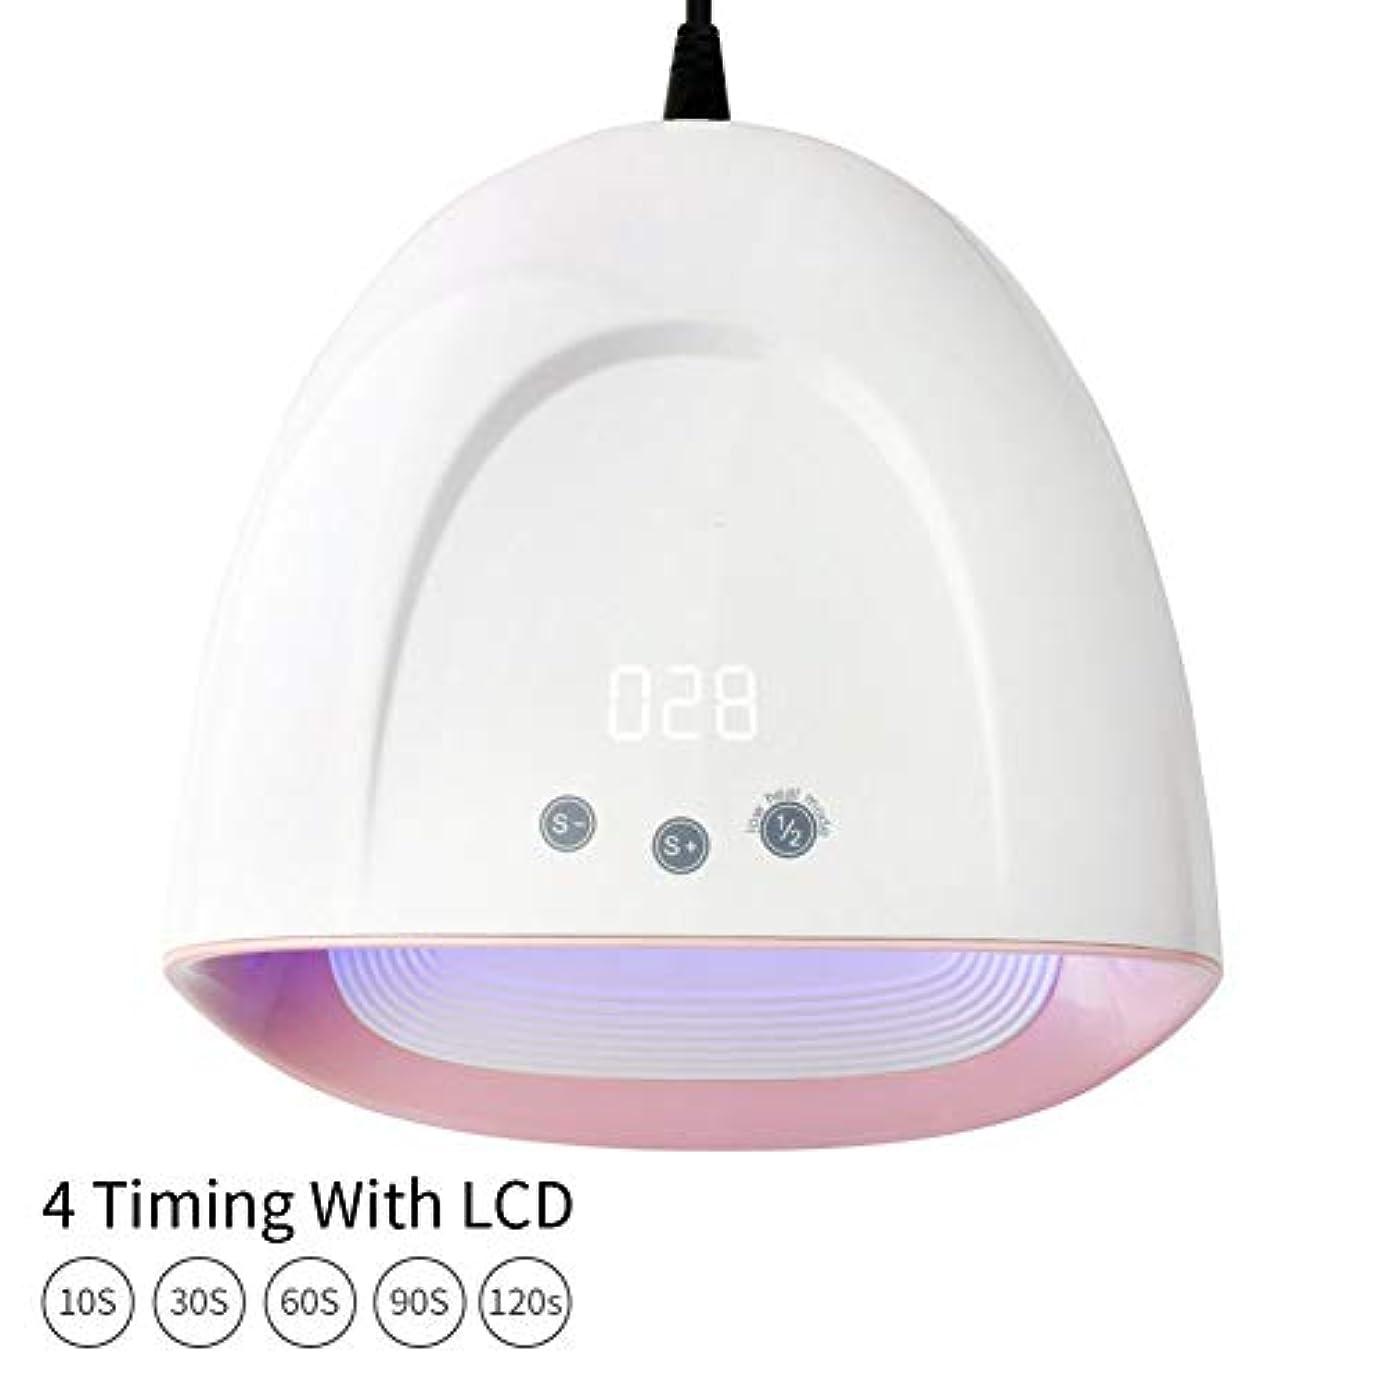 メディカルポータブル一過性ネイルドライヤー - LED光線療法ネイルマシン60Wマルチタイムタイミング33ランプビーズ4スピードタイミング接着剤隠しデジタルスクリーン